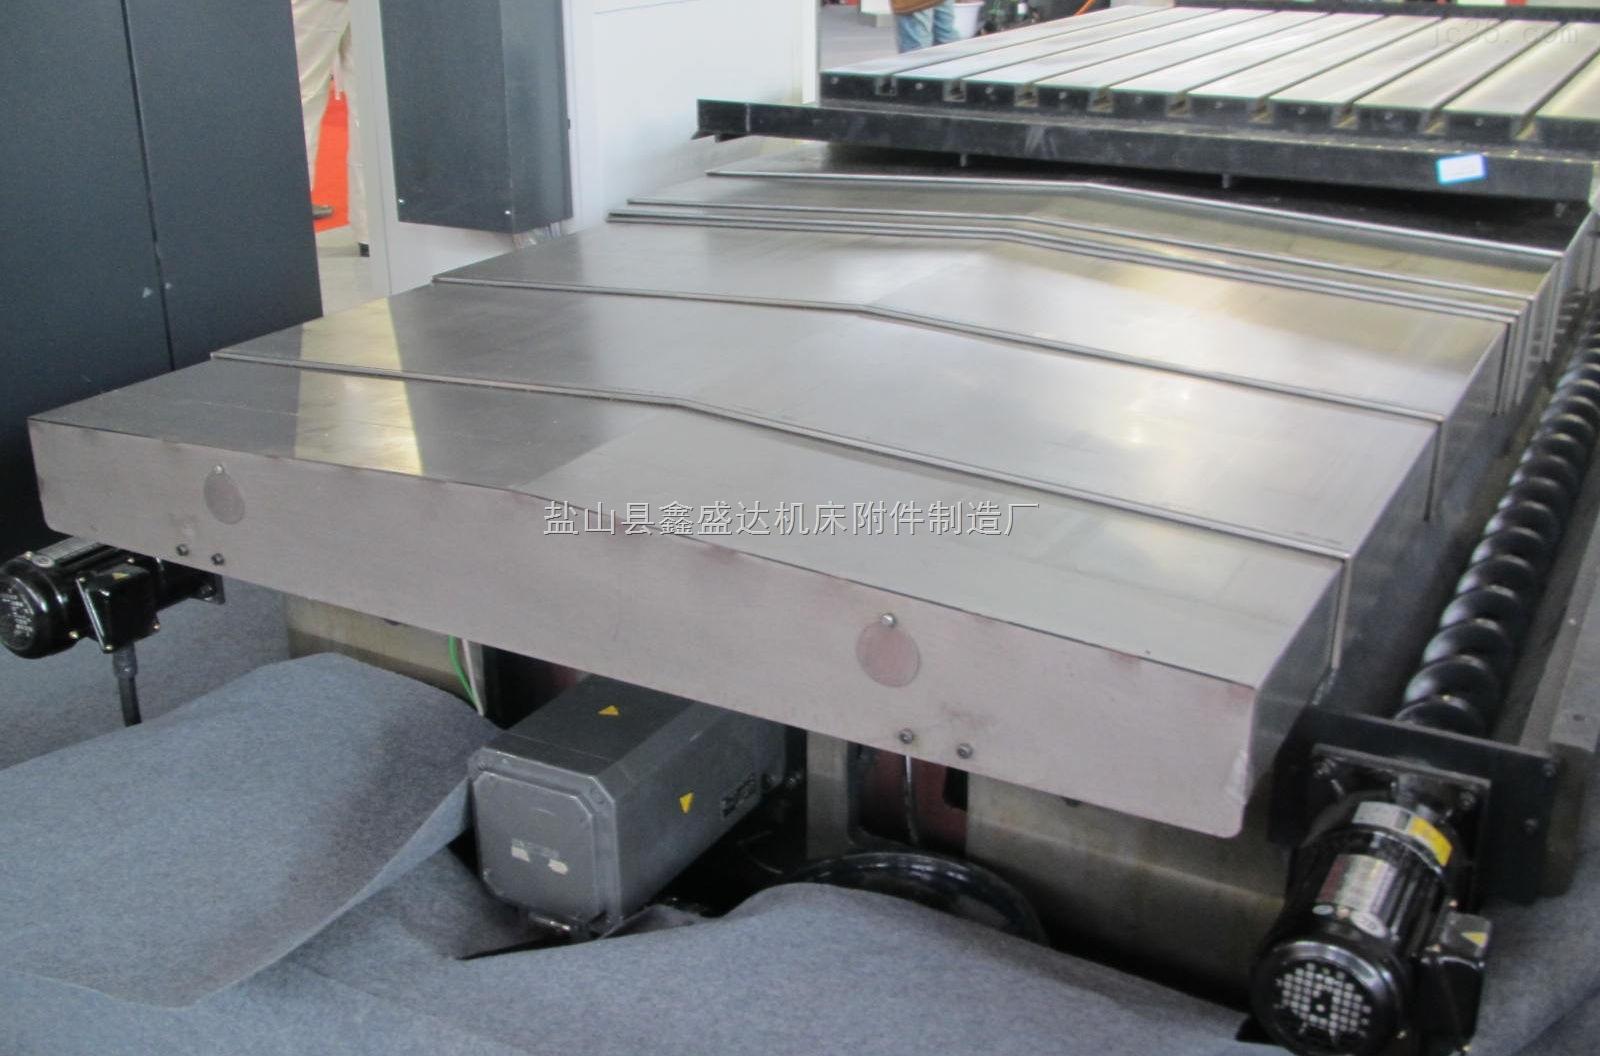 厂家直销机床钢板防护罩 伸缩式钢板防护罩厂家包邮